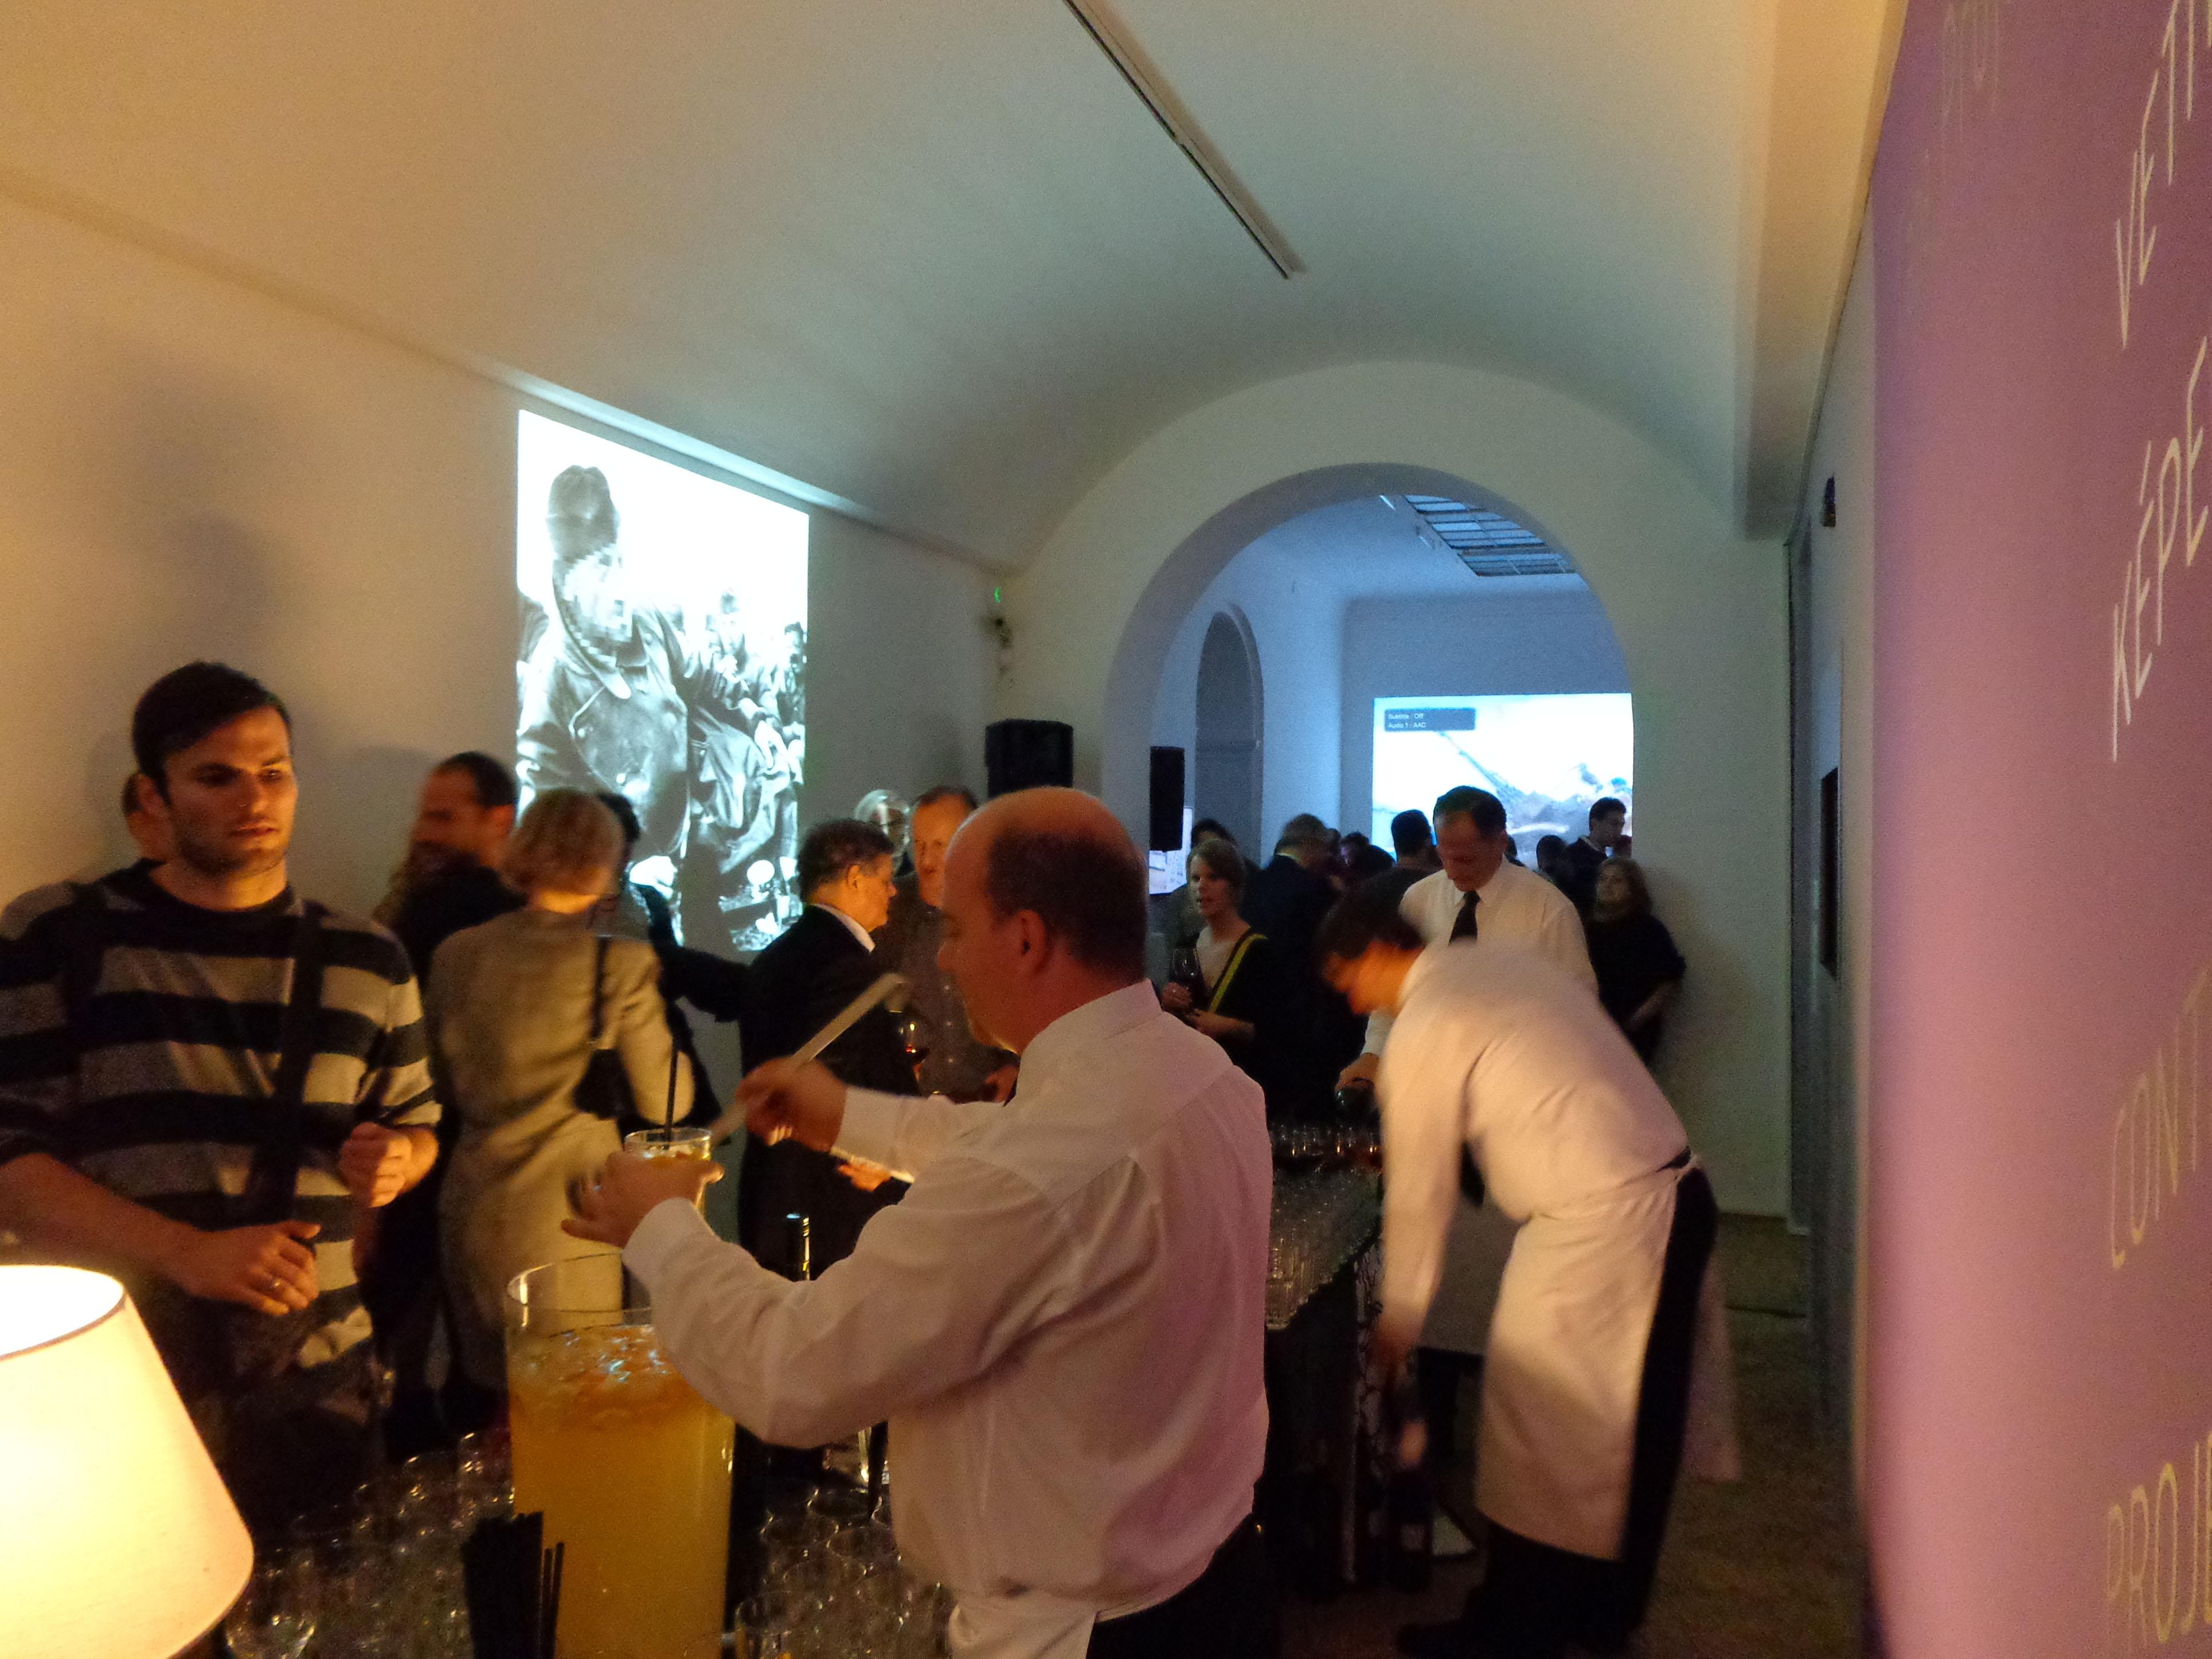 """Einer der Ausstellungsräume während der Eröffnungsfeier. Links im Bild ist """"Robert Capa's Masterworks – Politically Correct and Censored Edition"""", der Beitrag von István Szőnyi, zu sehen."""